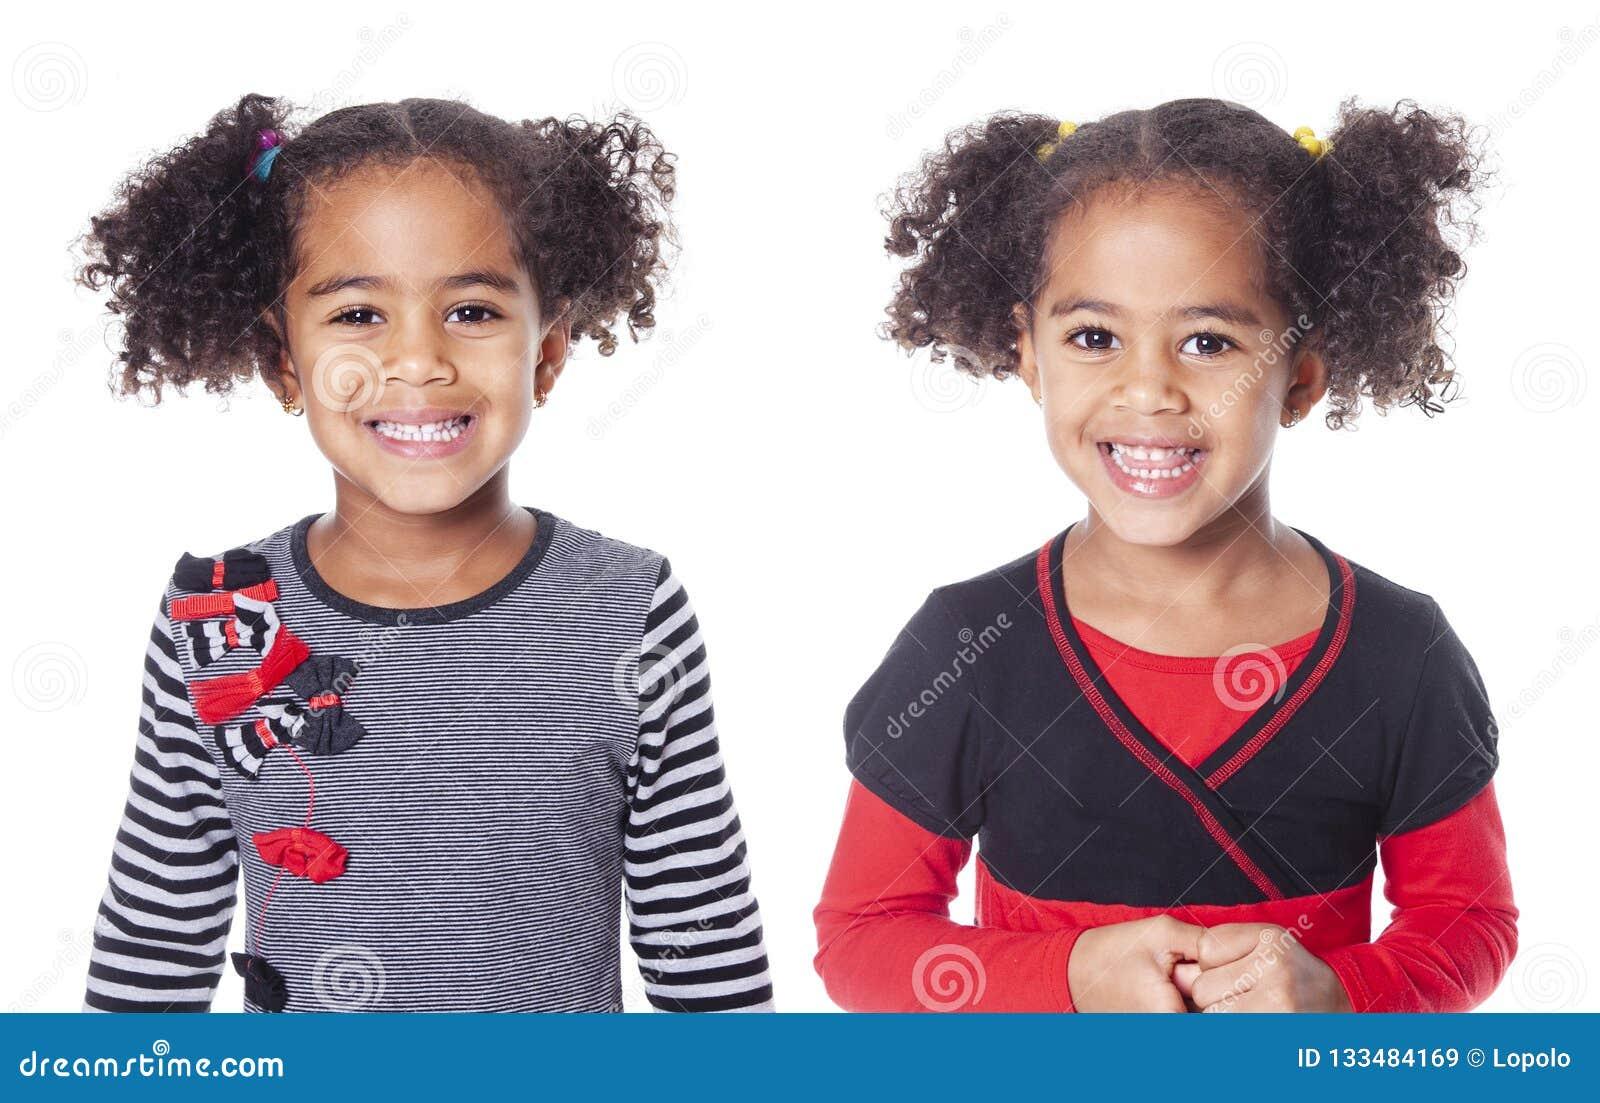 Petite fille africaine adorable jumelle avec la belle coiffure